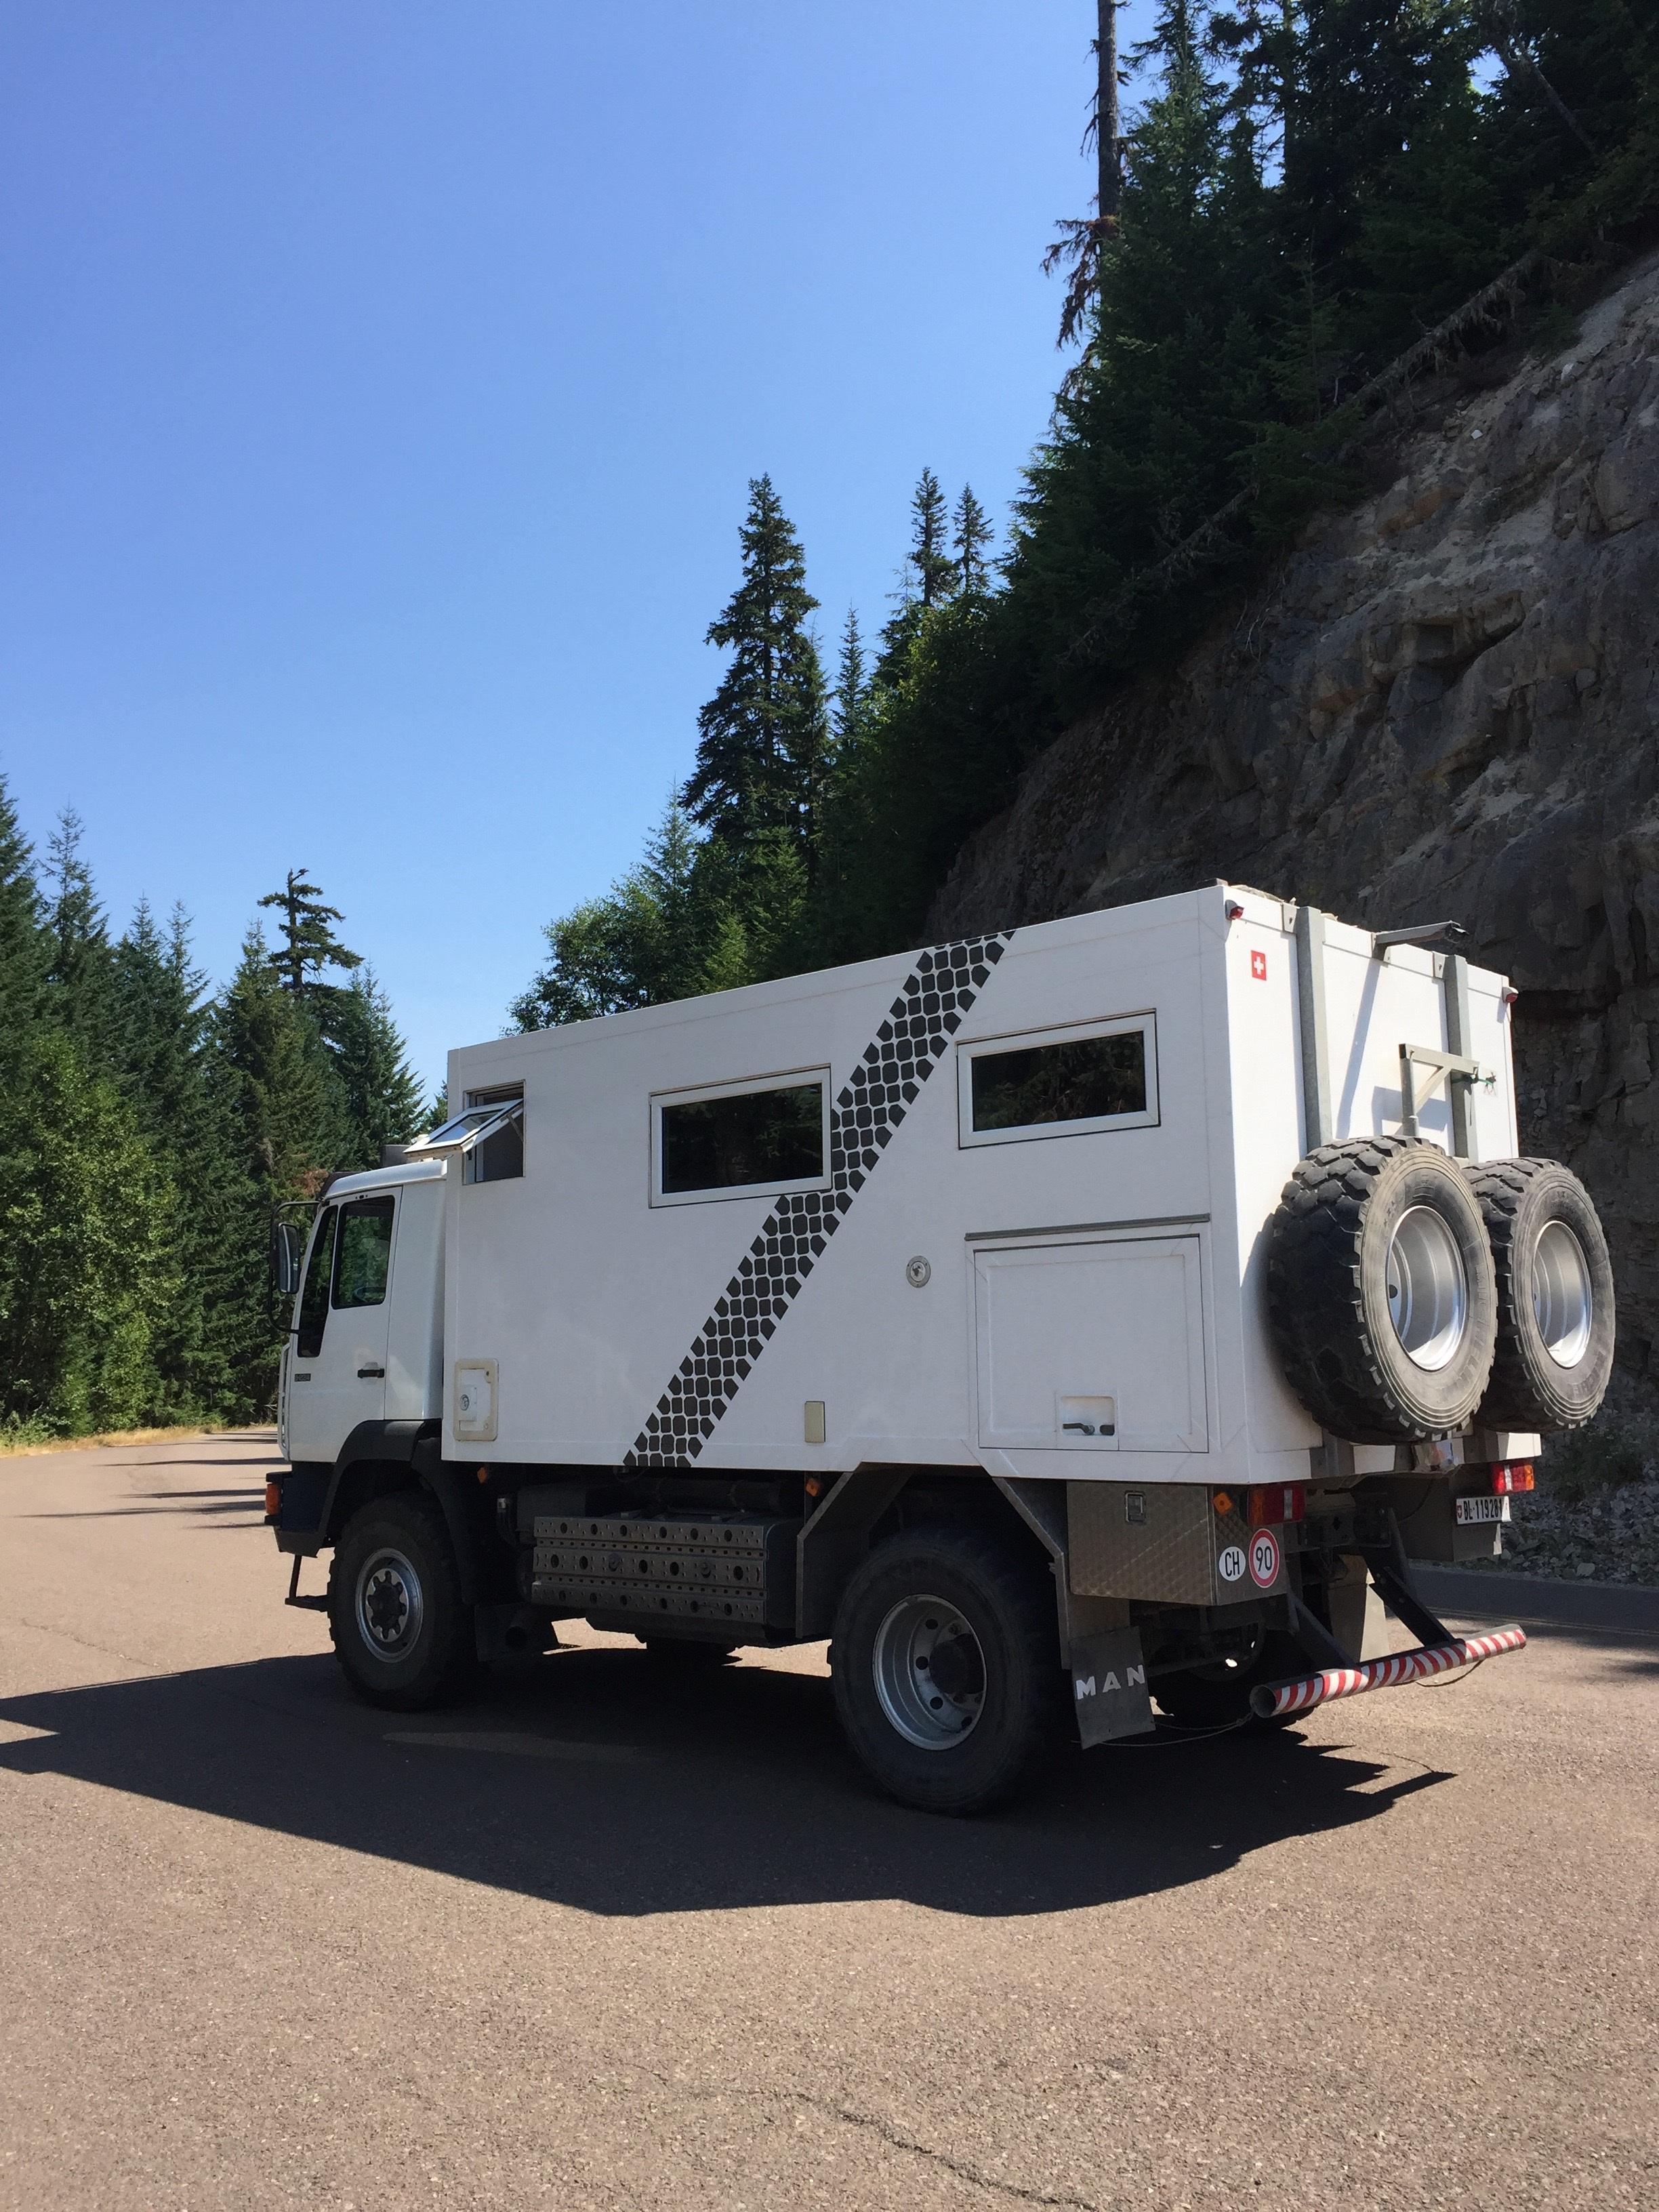 images gratuites voiture aventure asphalte vacances transport un camion camping en. Black Bedroom Furniture Sets. Home Design Ideas